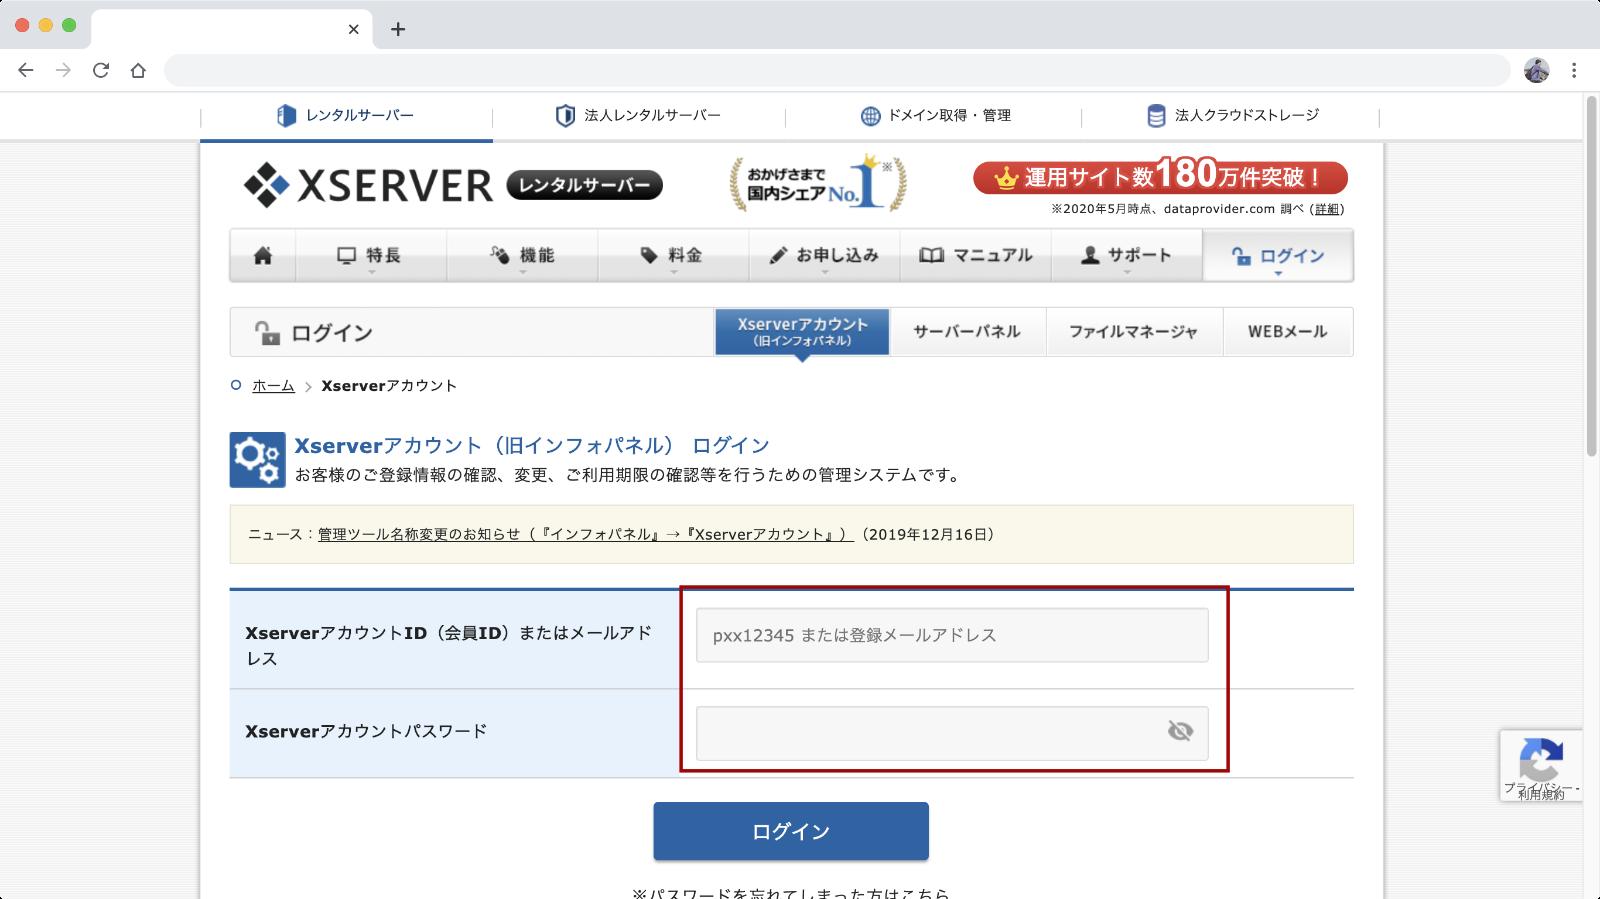 Xserverアカウント画面へログイン